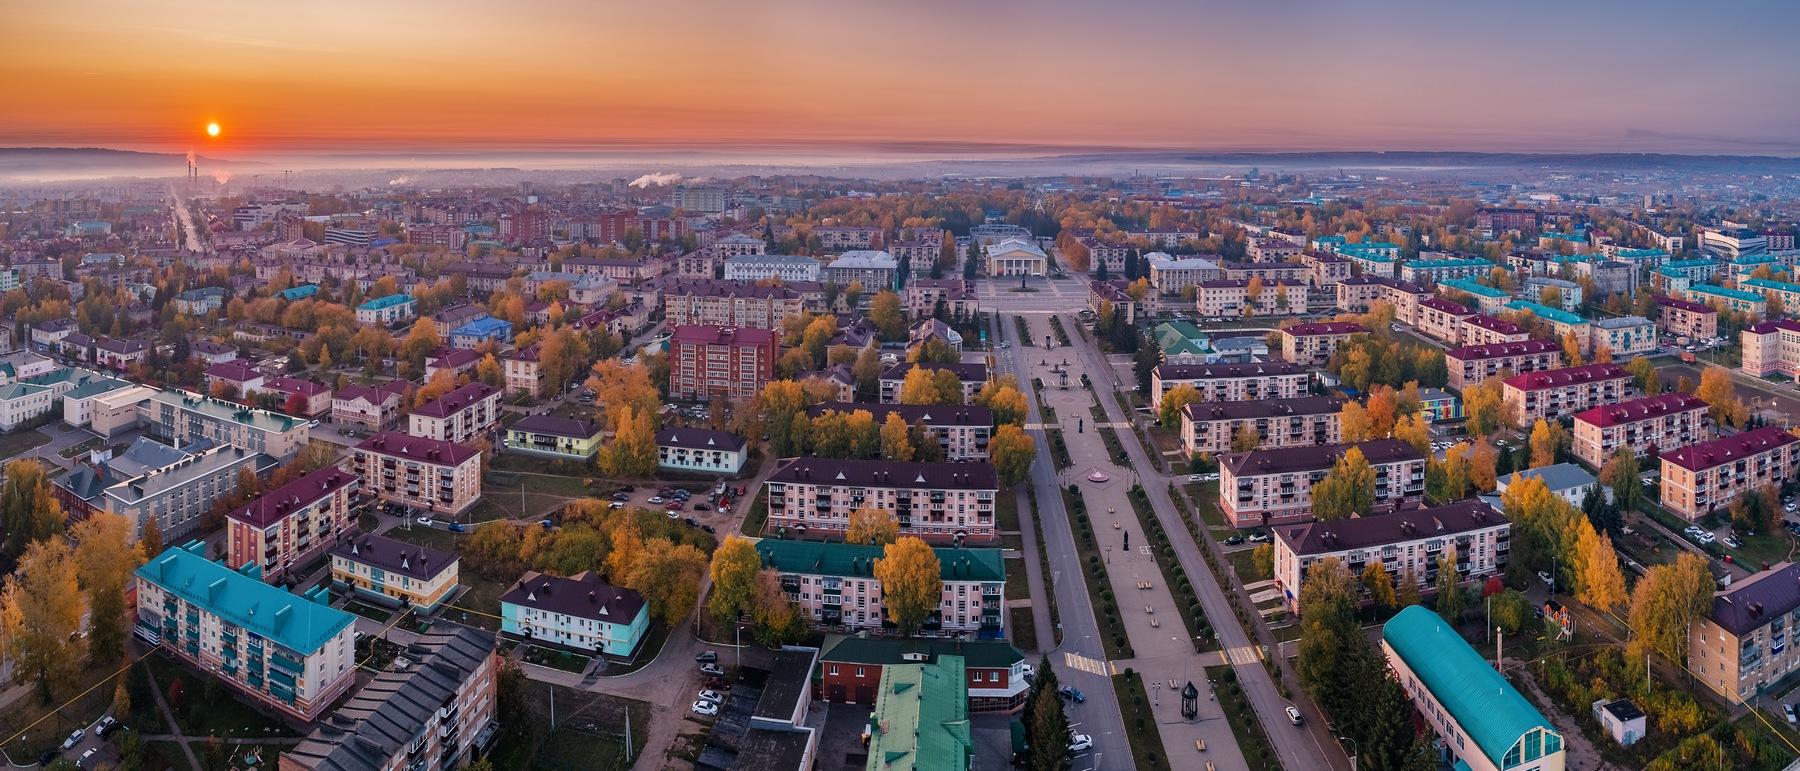 Альметьевск с высоты. Лучший средний город Татарстана? город как на ладони,фото,аэрофото,аэрофотосъемка,высота,Альметьевск,захватывающие картинки города,квадрокоптер,красивые фотографии с высоты,все о городе,Татарстан